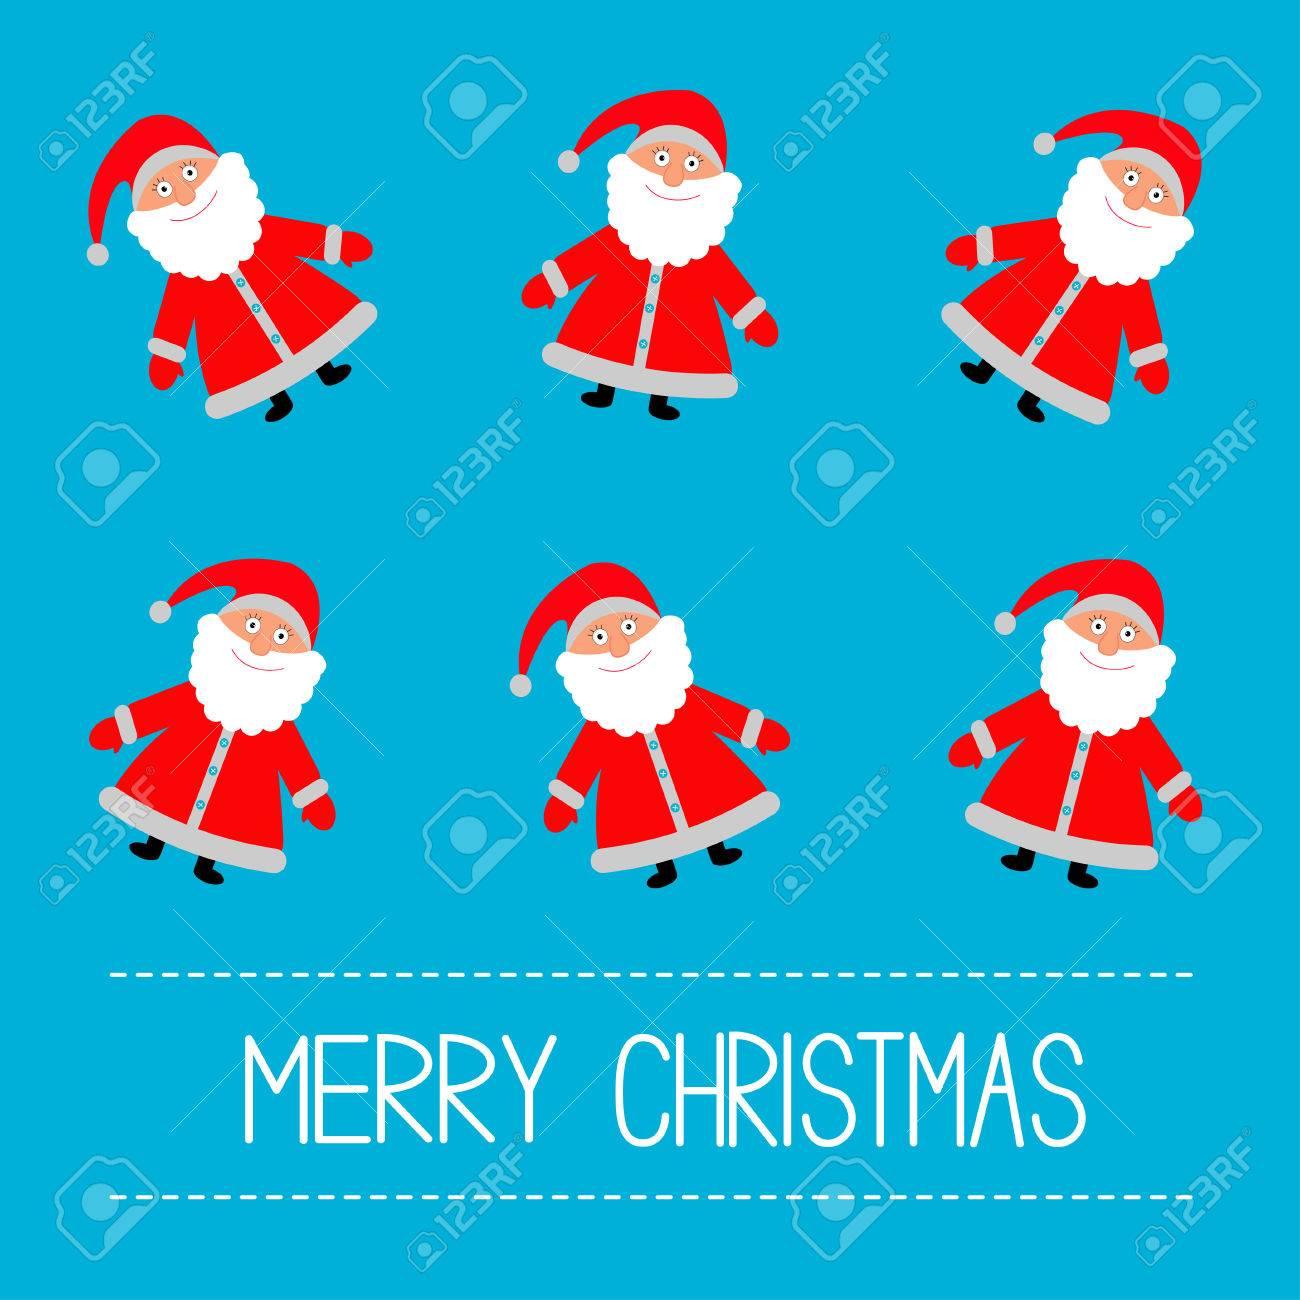 Carte De Noel Droles.Santas Drôles Fond Bleu Joyeux Carte De Noël Vector Illustration